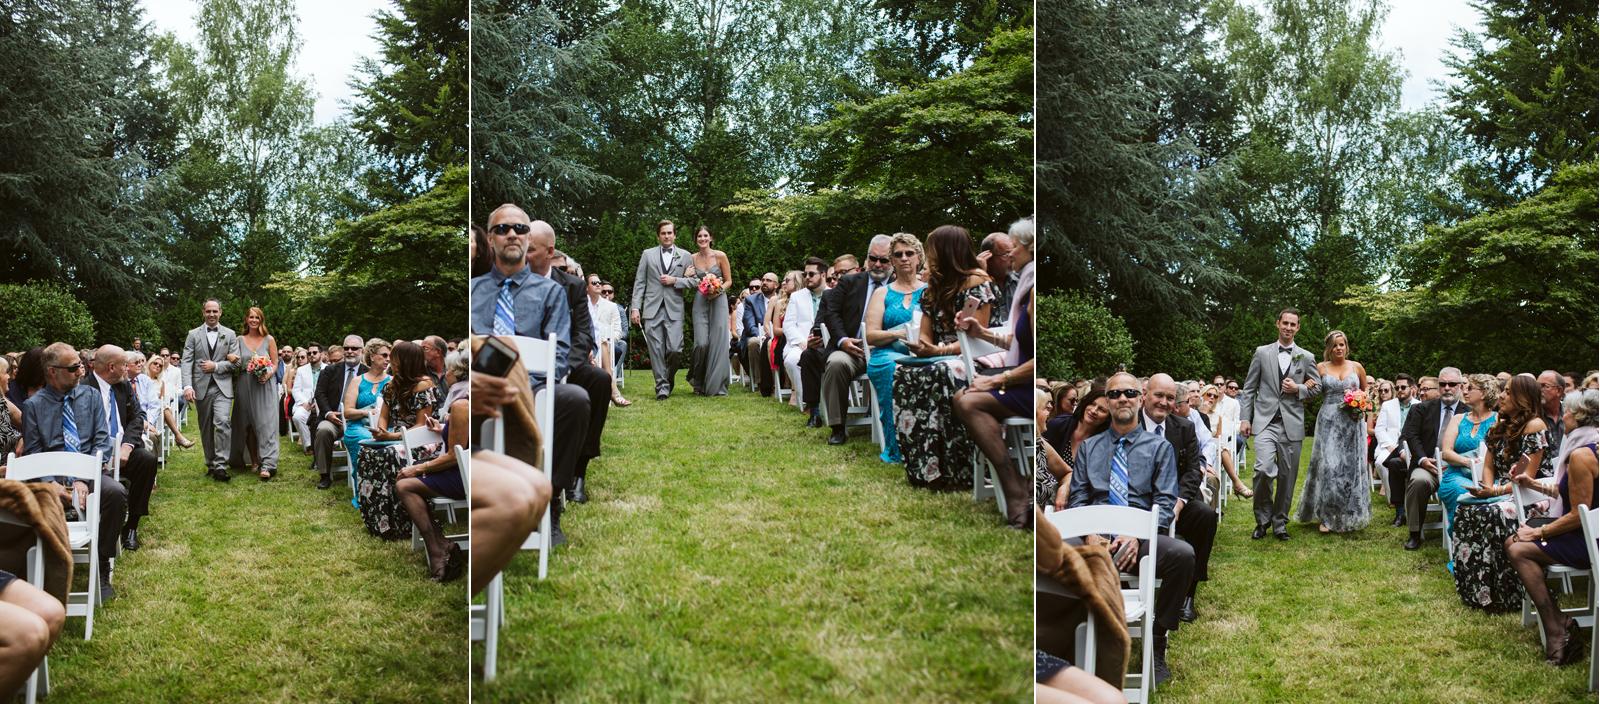 074-daronjackson-gabby-alec-wedding.jpg